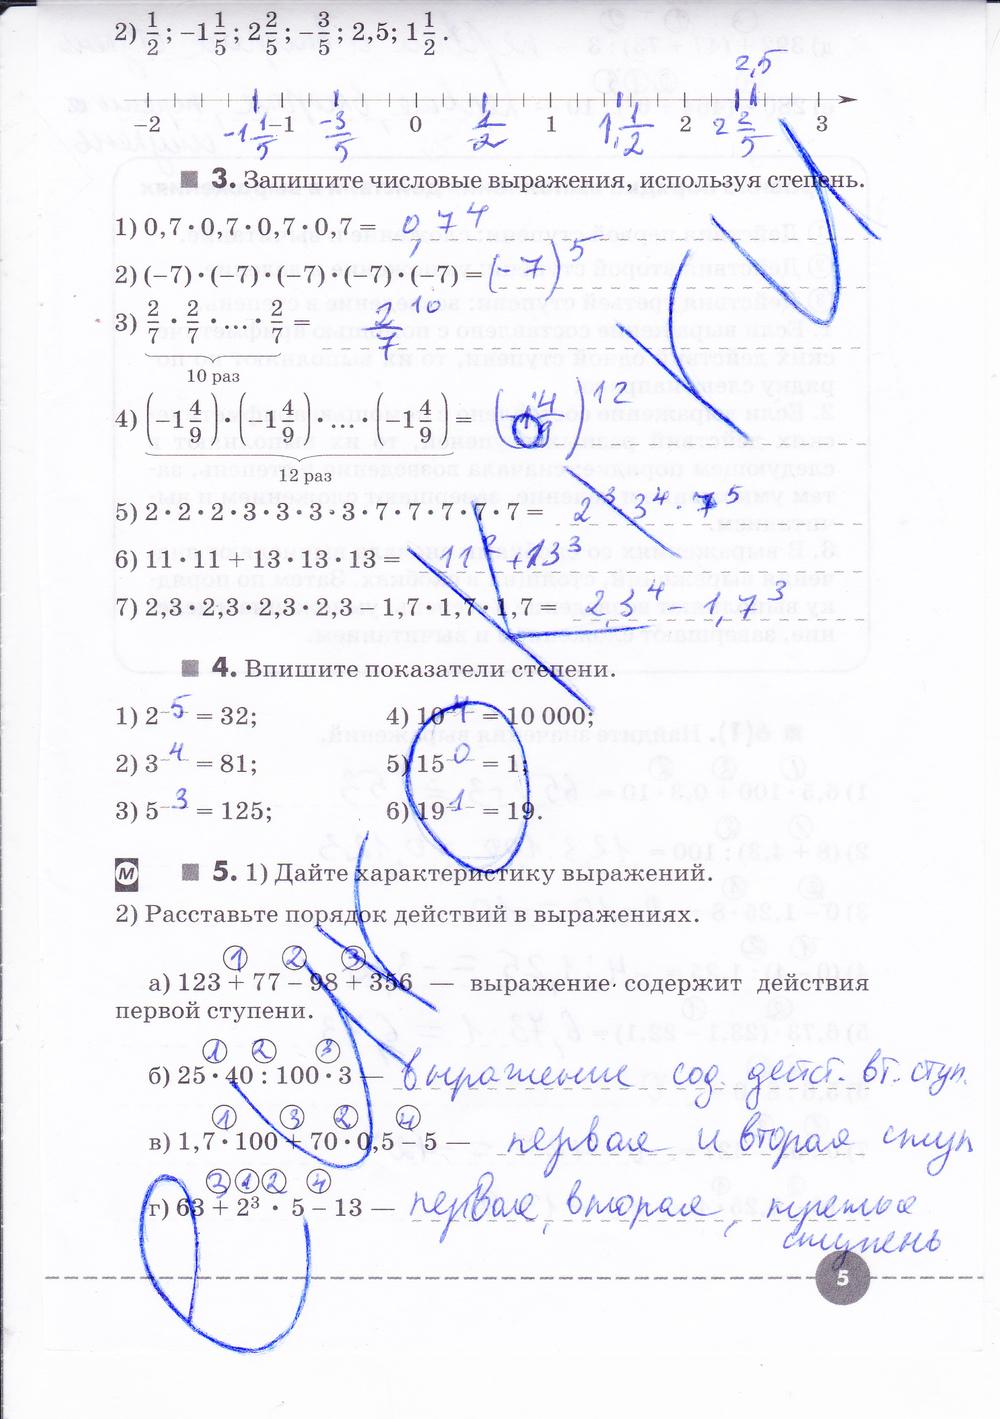 Класс часть 1 рабочей тетради гдз по алгебре в 7